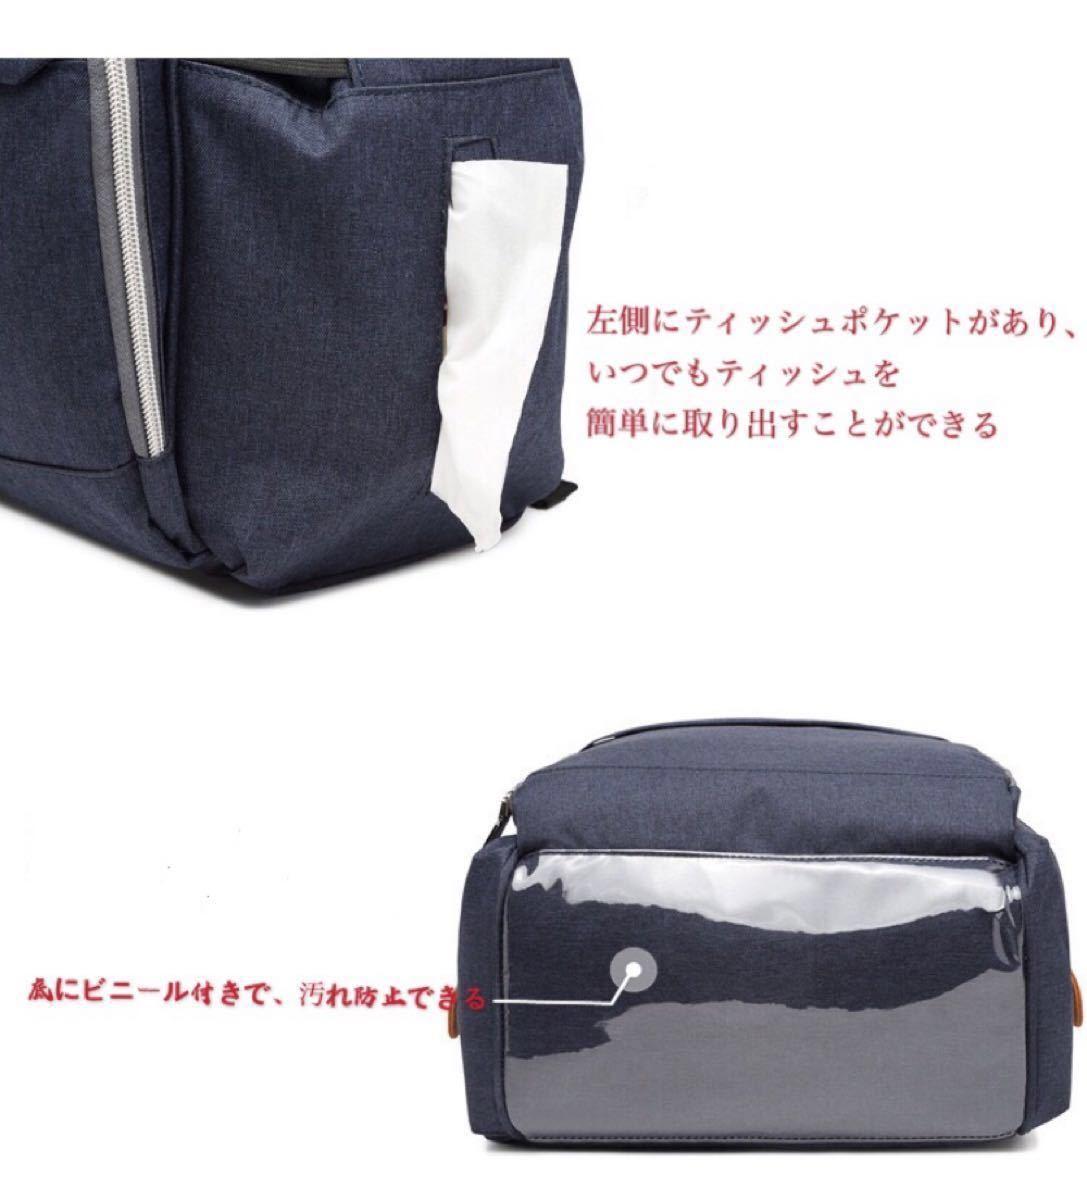 マザーズバッグ 大容量 ☆ブラック